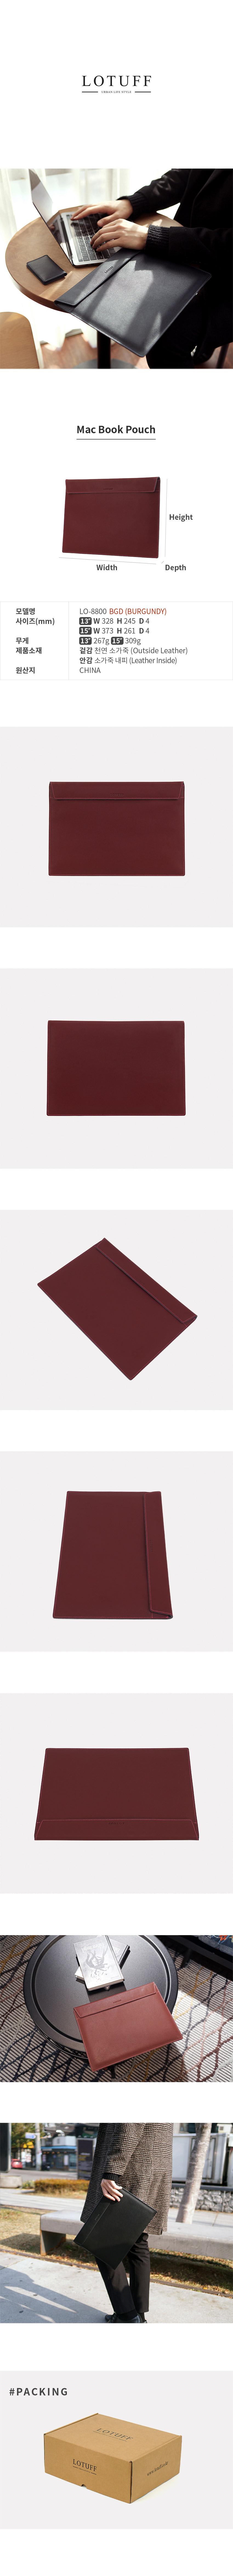 로터프(LOTUFF) 맥북 프로 파우치 LO-8800-15-BGD